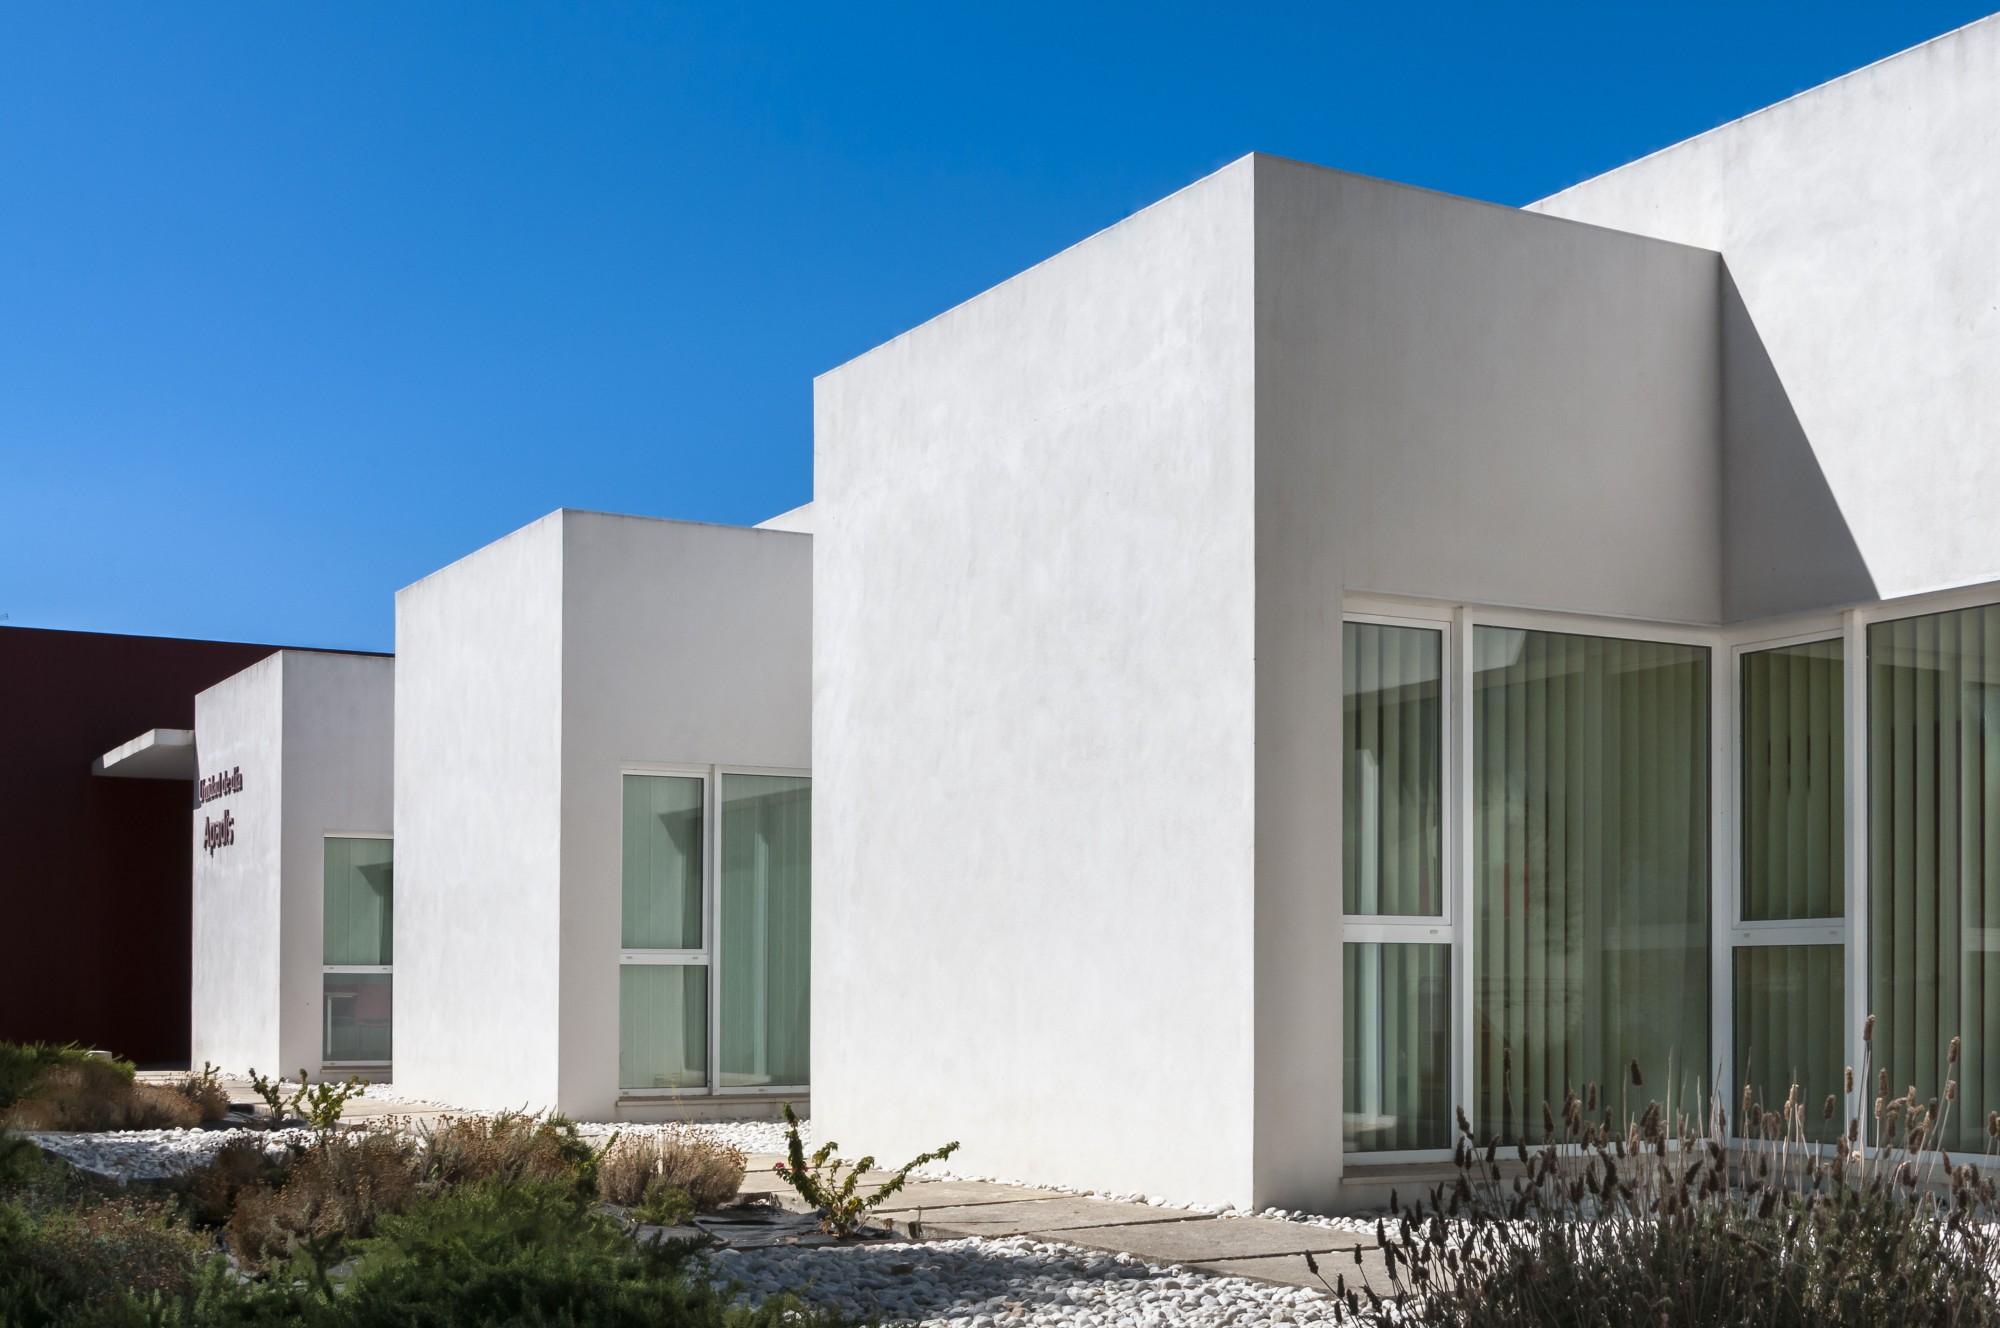 Estudio de arquitectura y urbanismo u g - Estudio de arquitectura y urbanismo ...